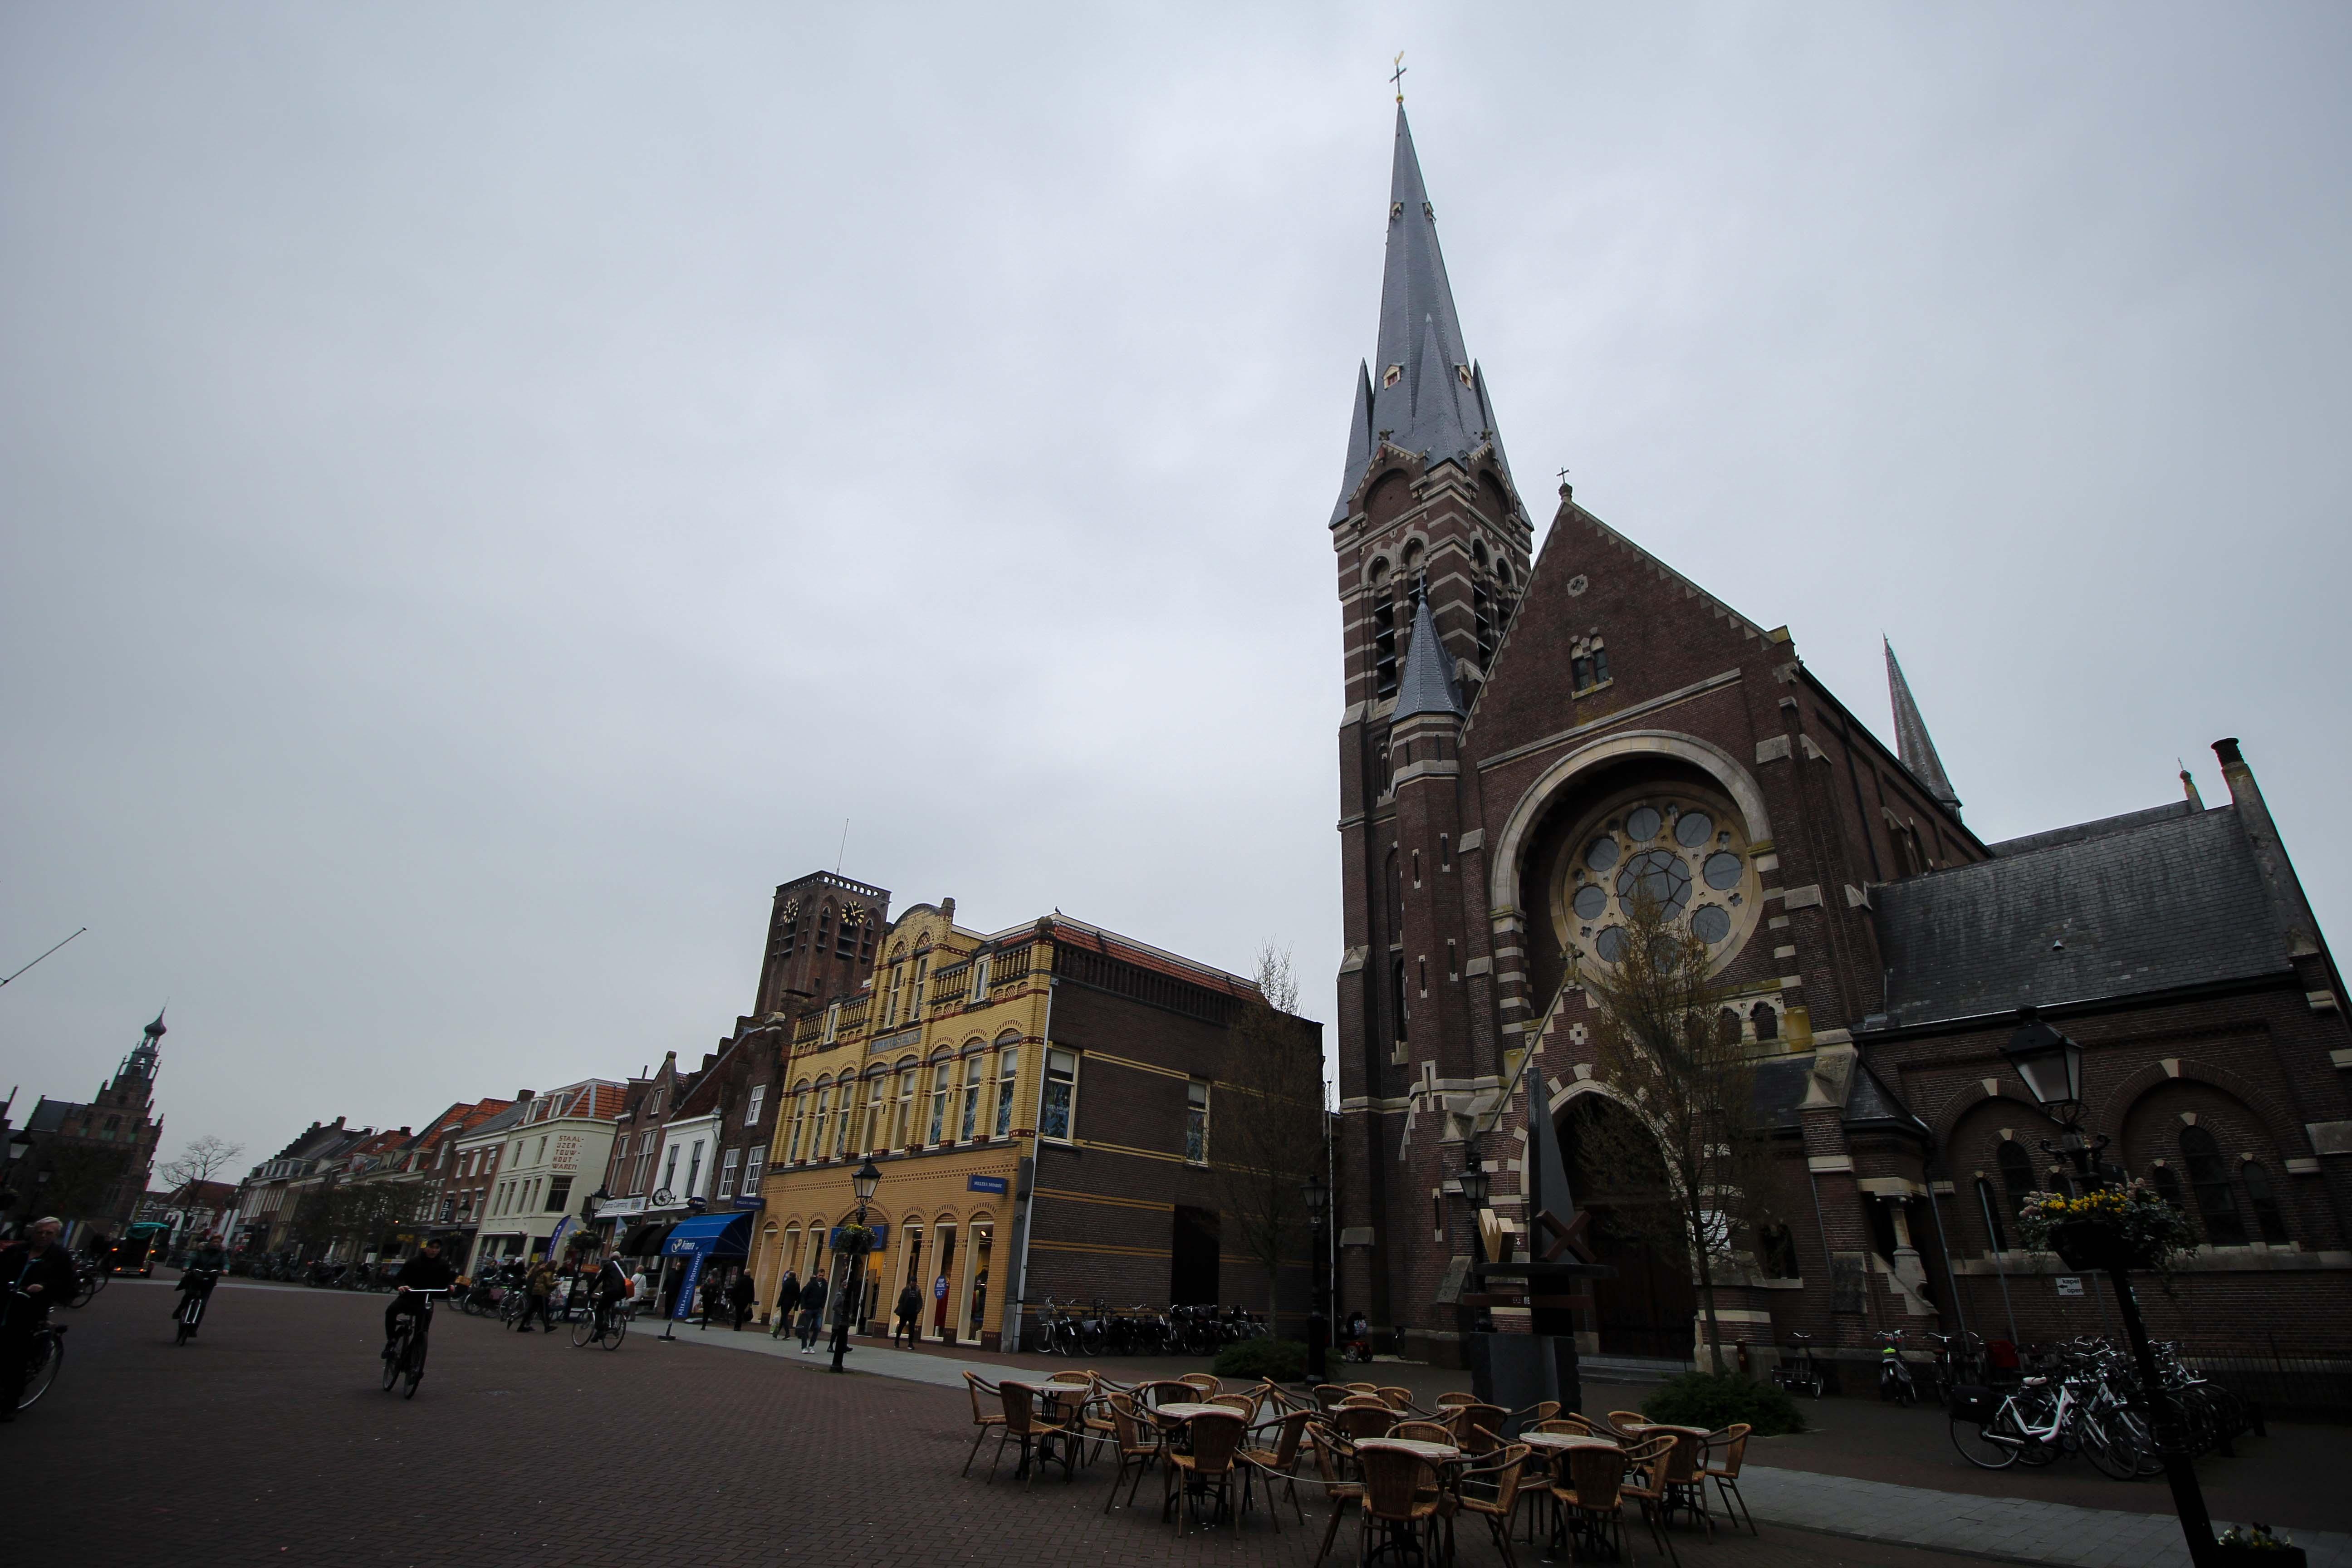 Wochenendtrip Holland Culemborg Innenstadt Altstadt das andere Holland Reiseblog Ausflug von Deutschland 4